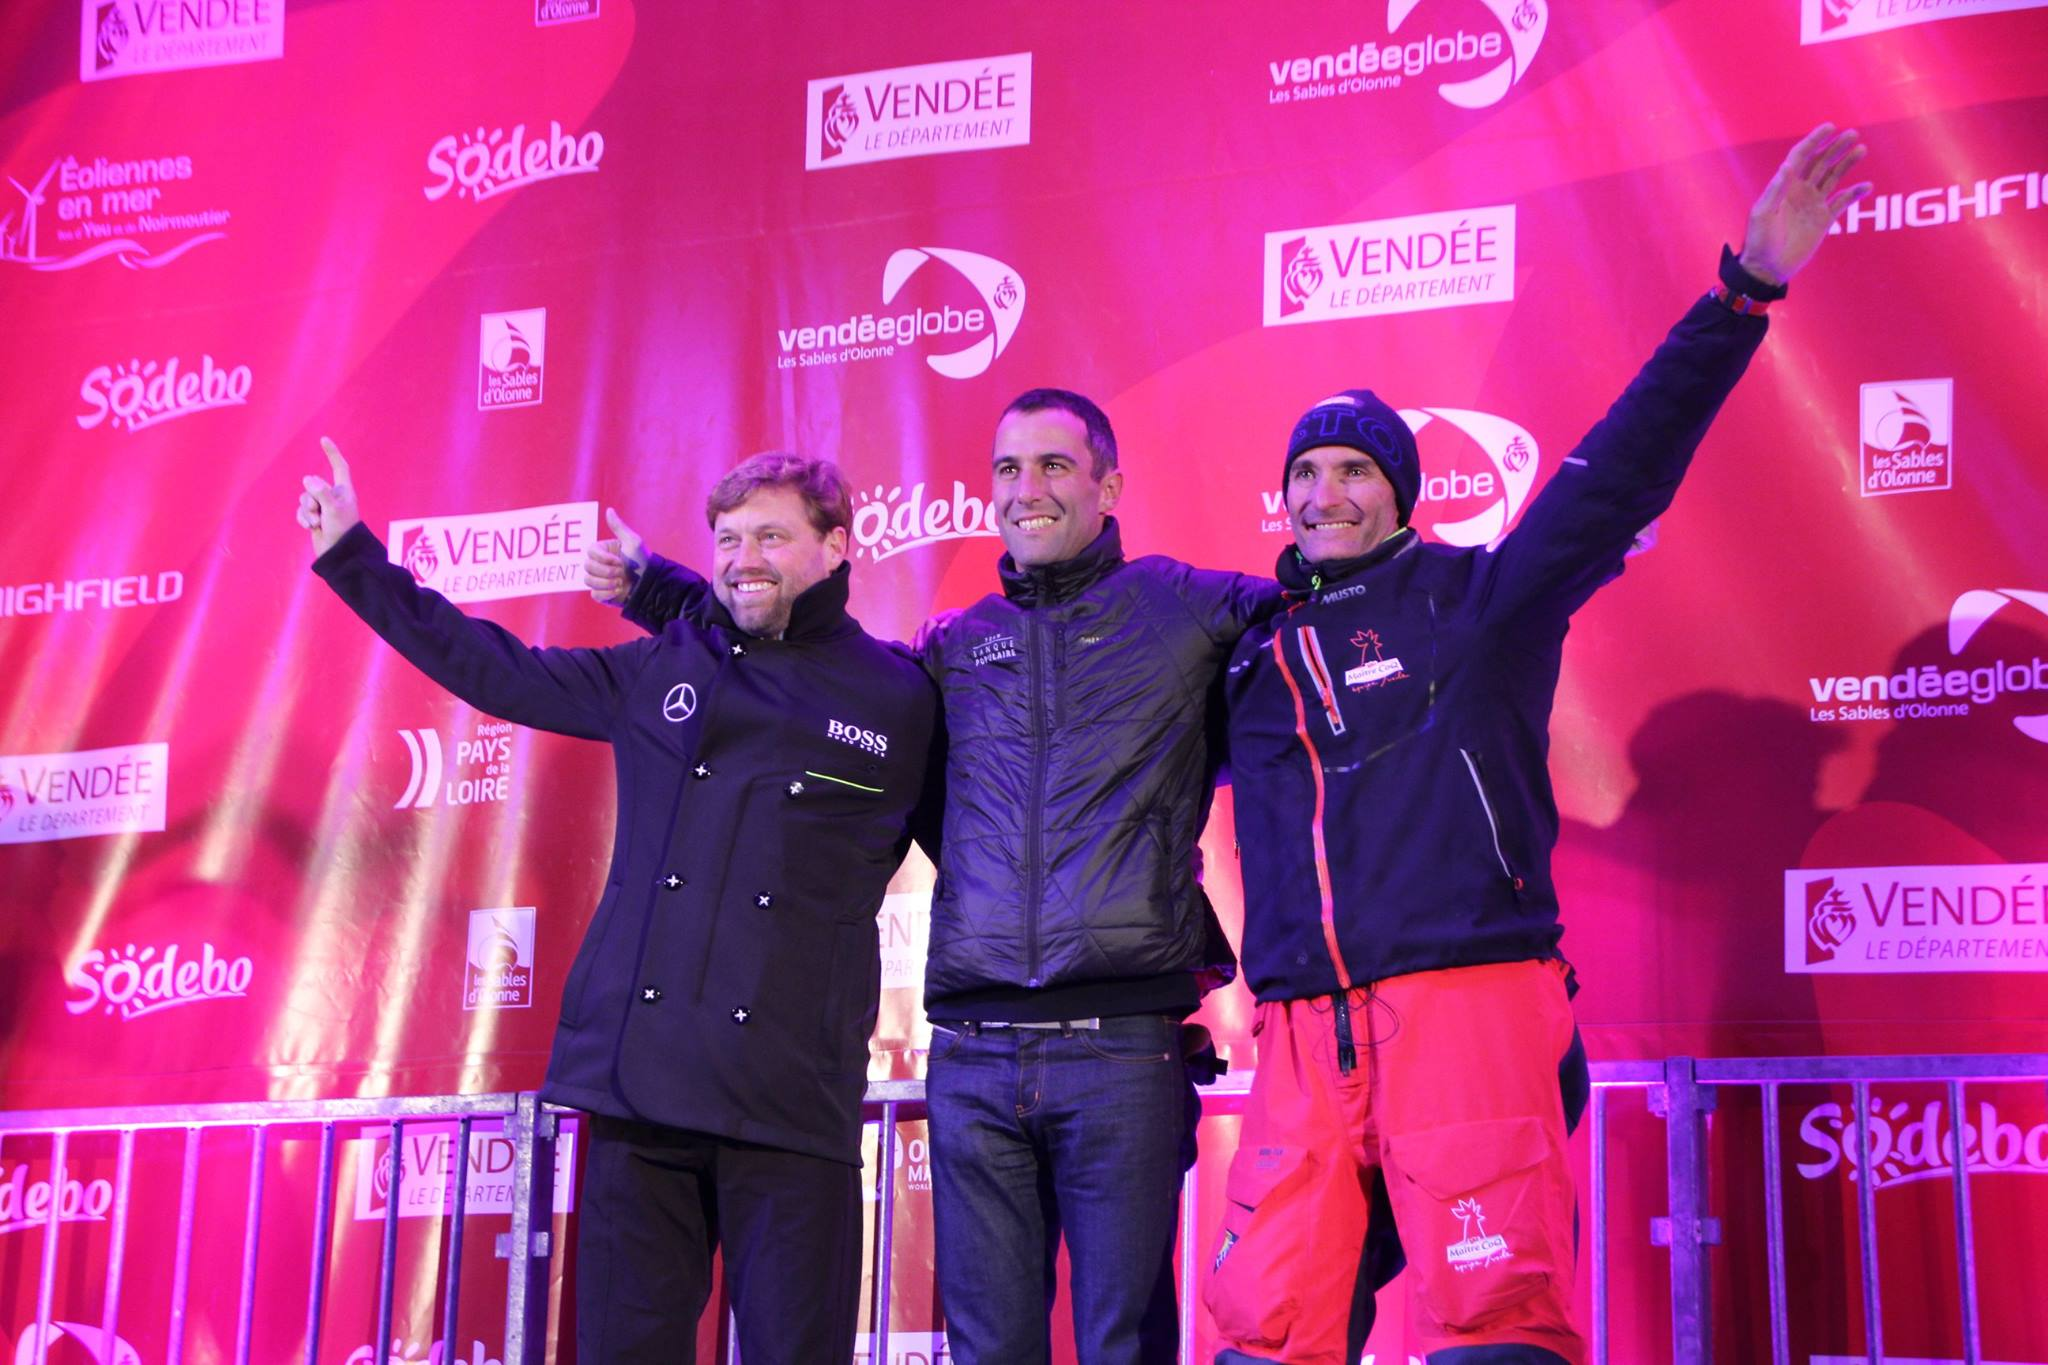 Armel, Alex et Jérémie sur le podium gagnant du 8e Vendée